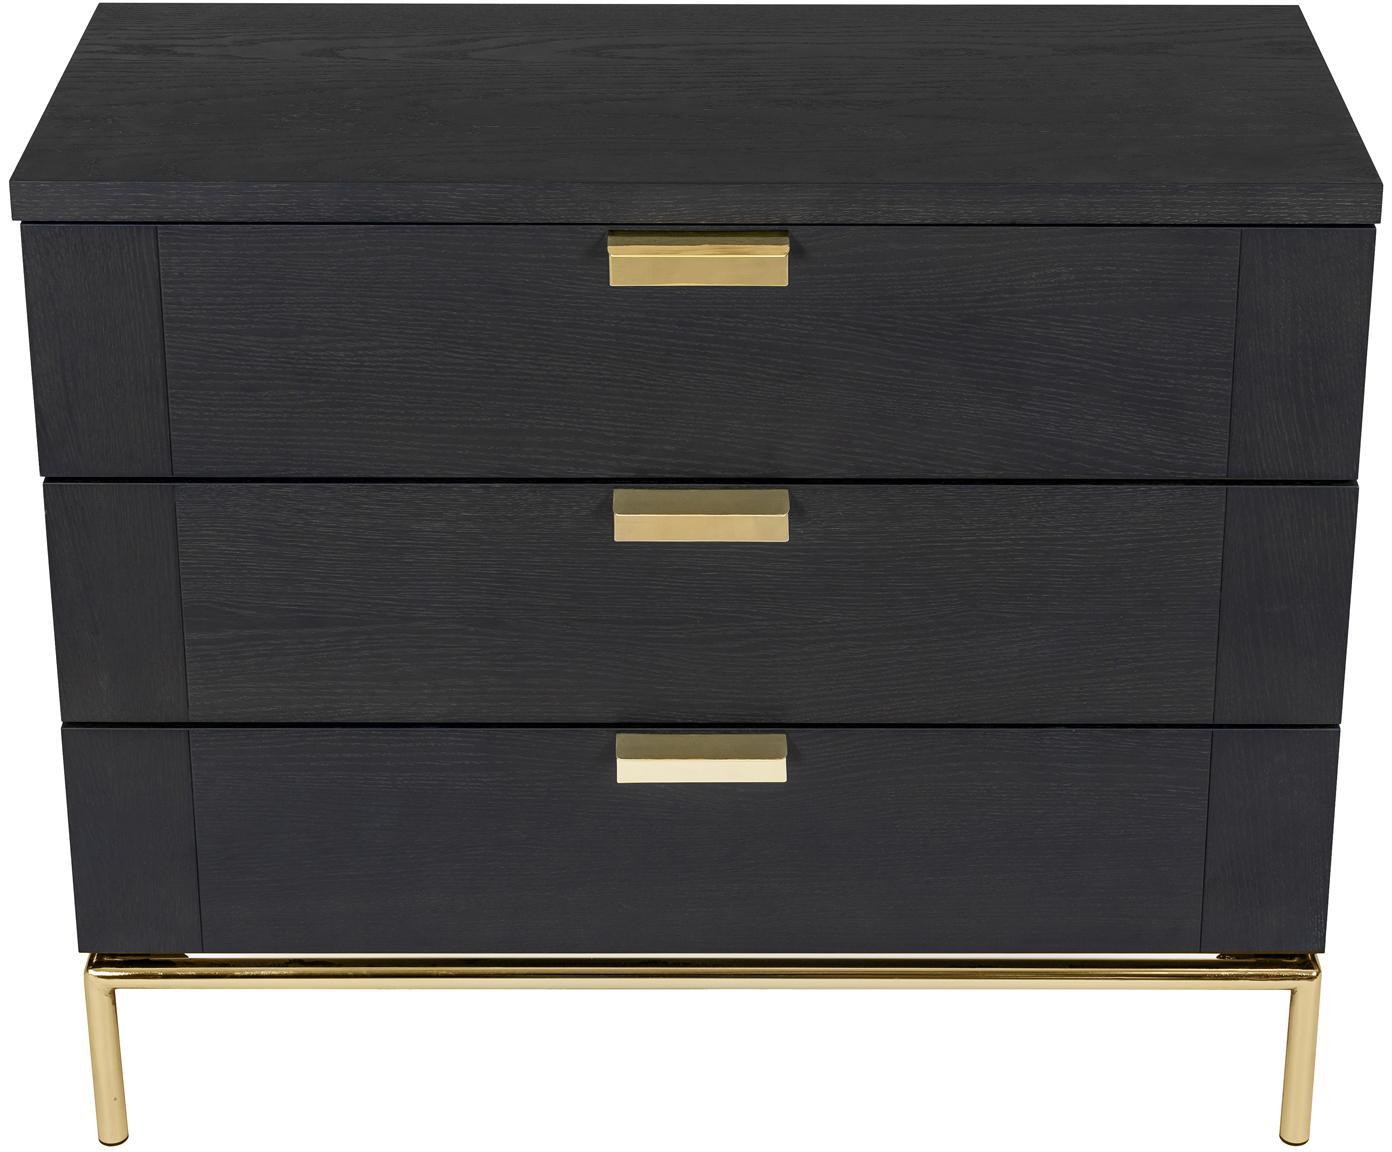 Szafka z szufladami z drewna dębowego Pimlico, Ciemny brązowy, mosiądz, S 91 x W 75 cm